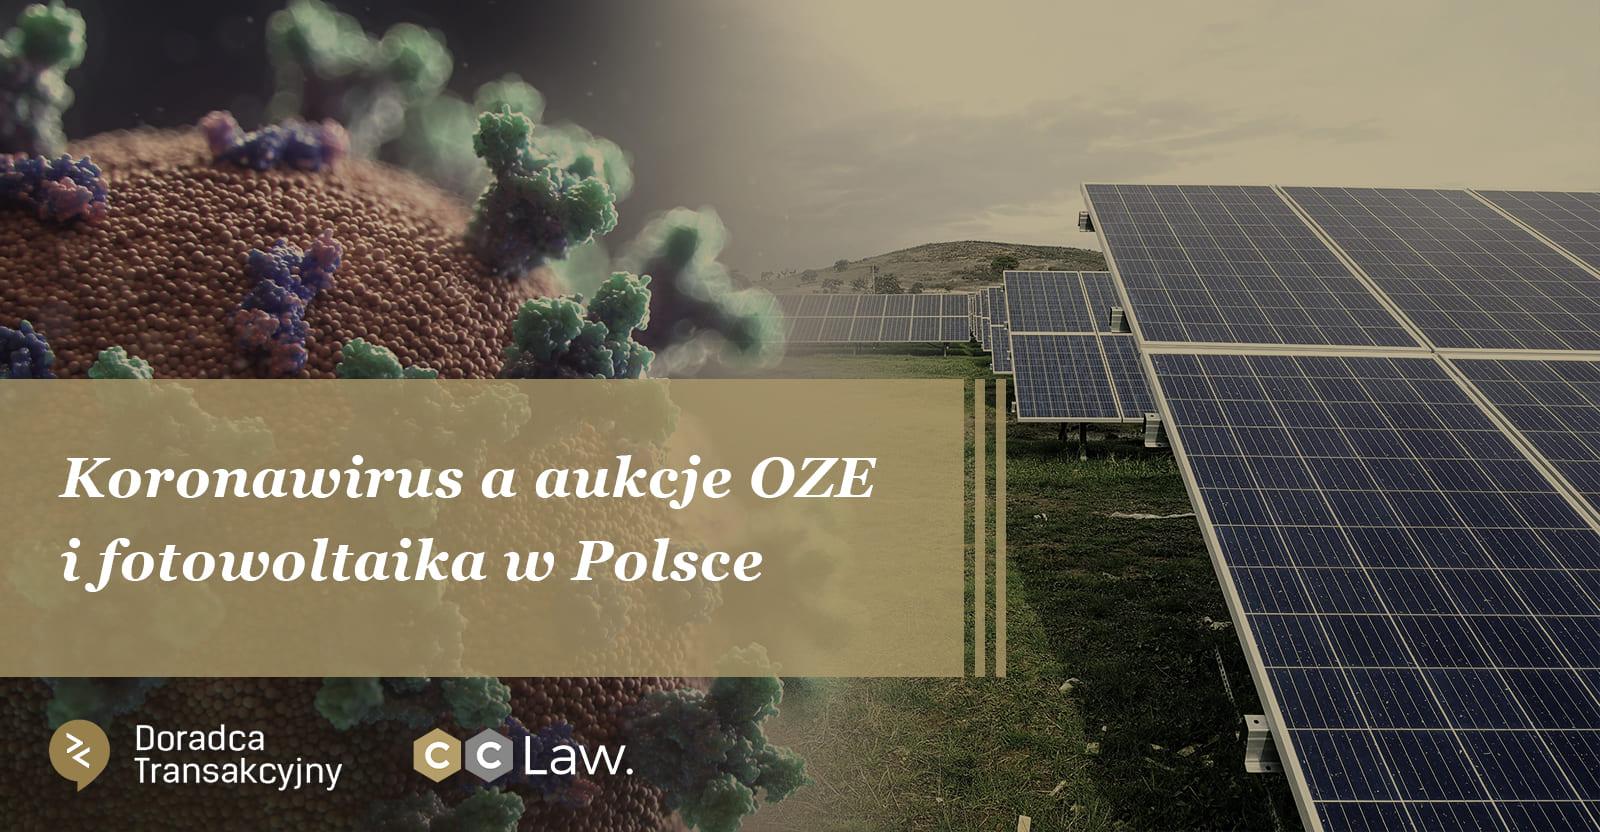 Koronawirus a aukcje OZE i fotowoltaika w Polsce